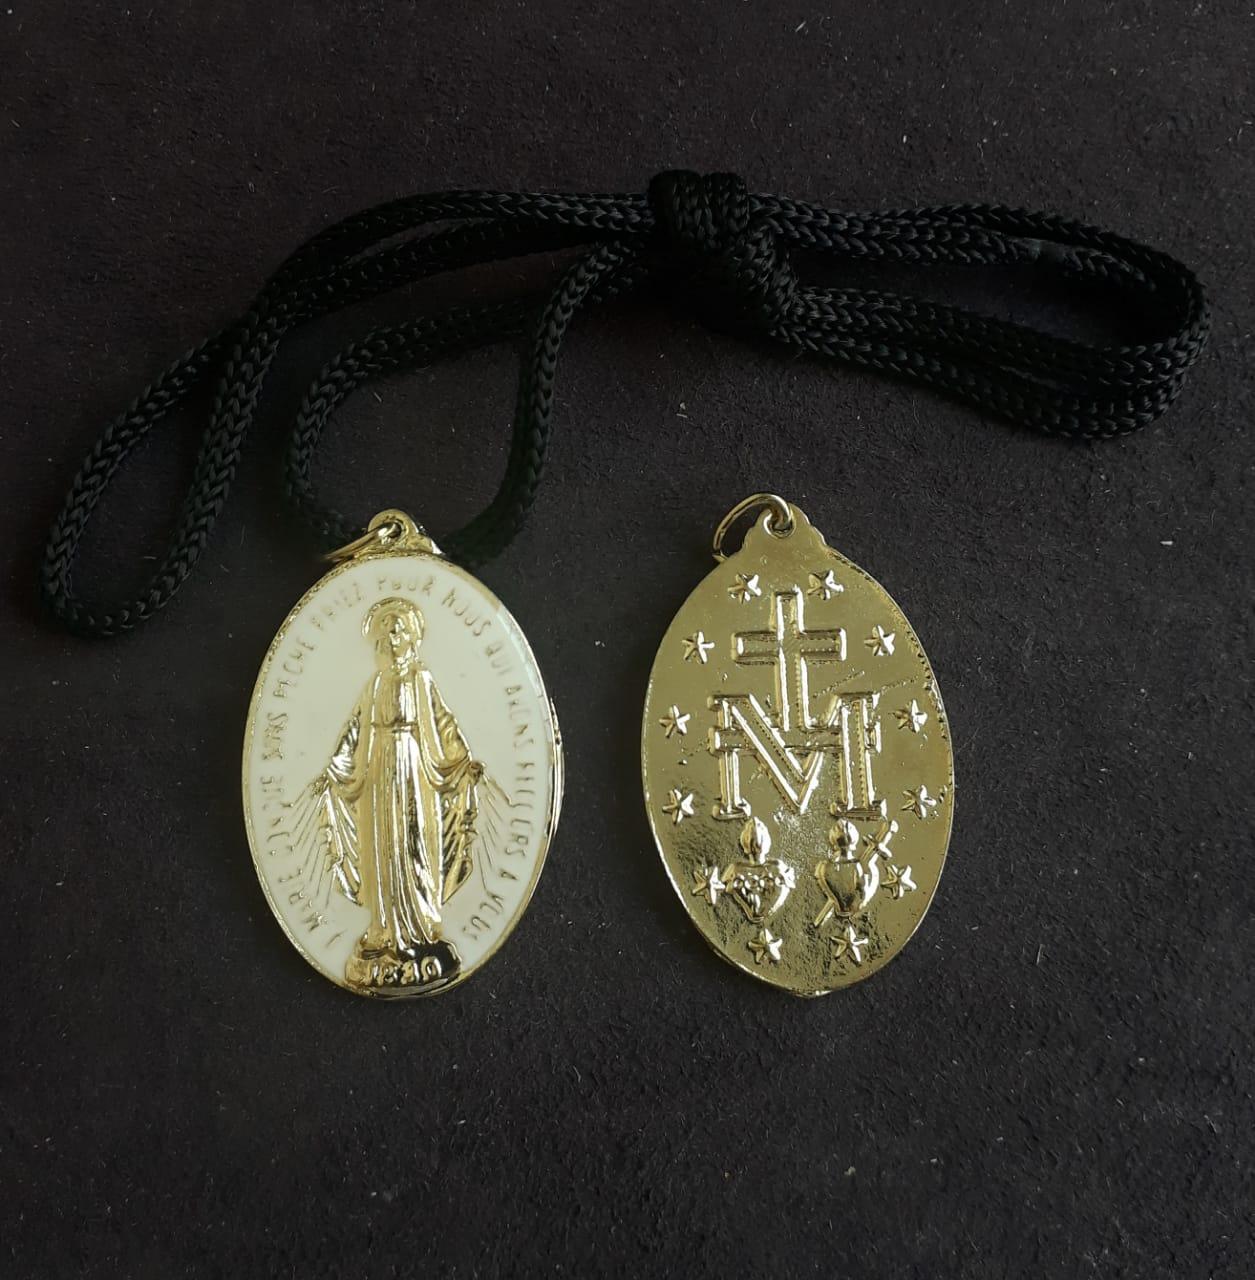 CR01 - Cordão Medalha Nossa Senhora das Graças 5cm Resinado Branco Dourado  - VindVedShop - Distribuidora Catolica